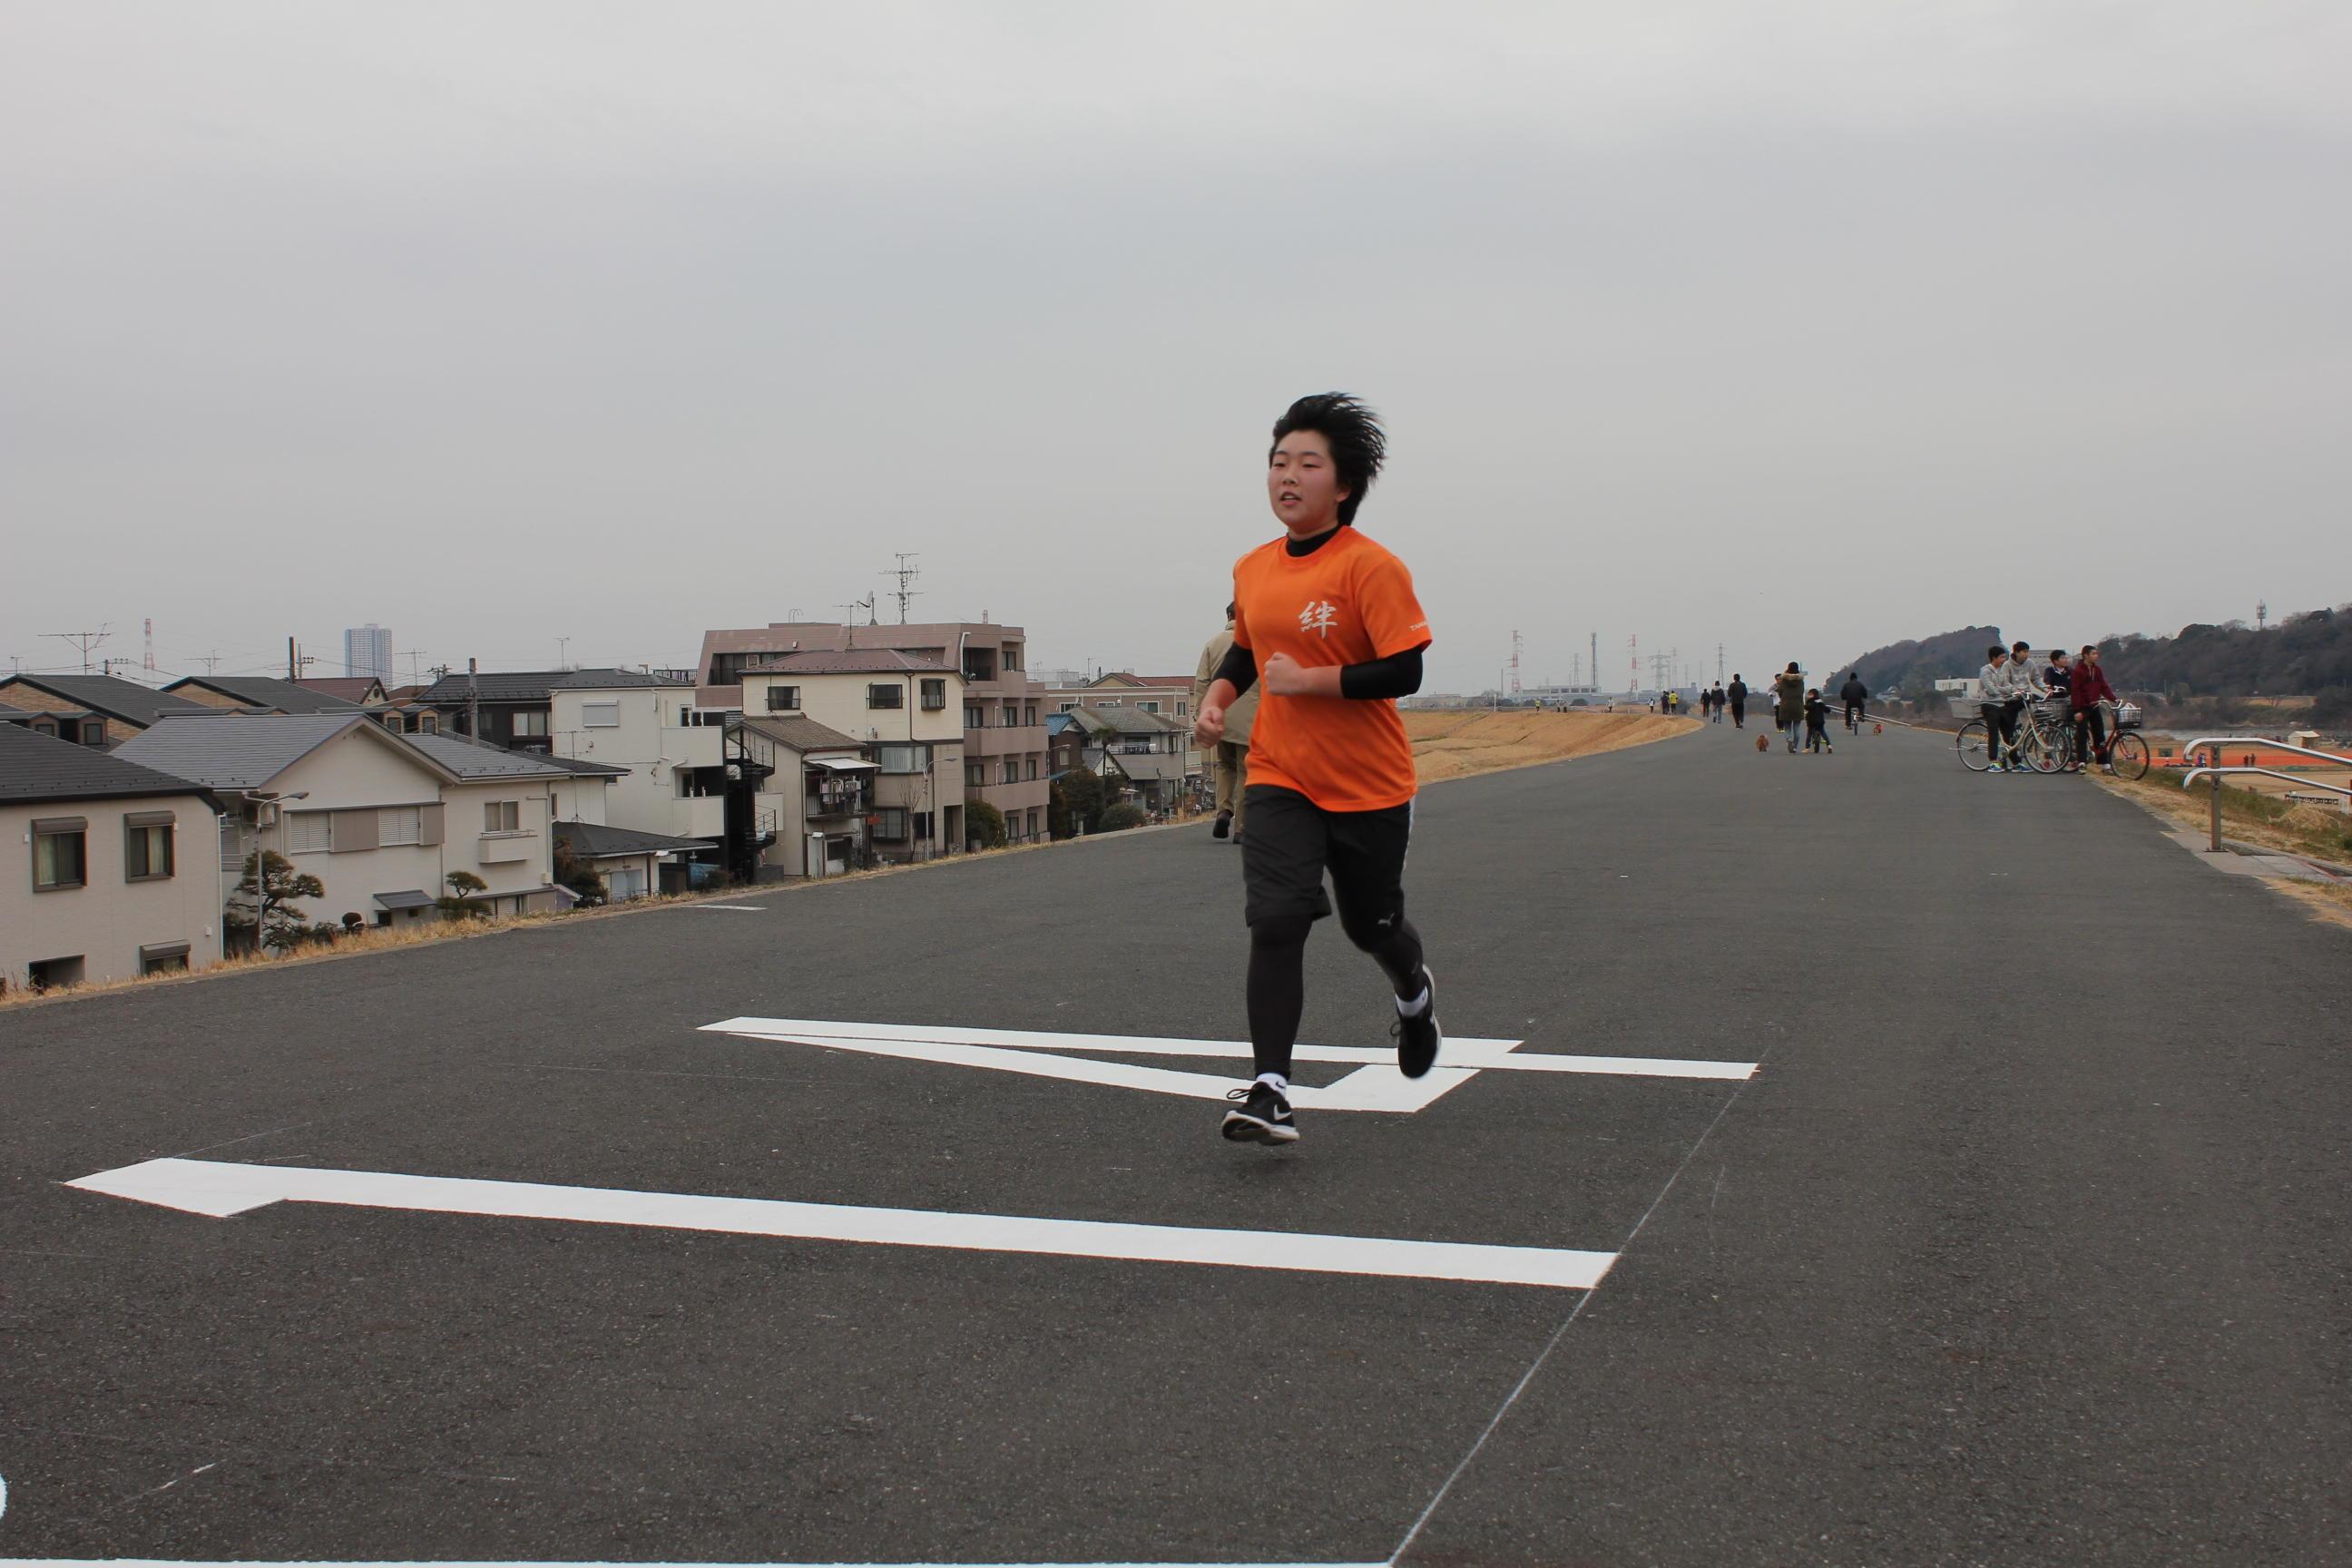 softball2017yoshikawa7.JPG